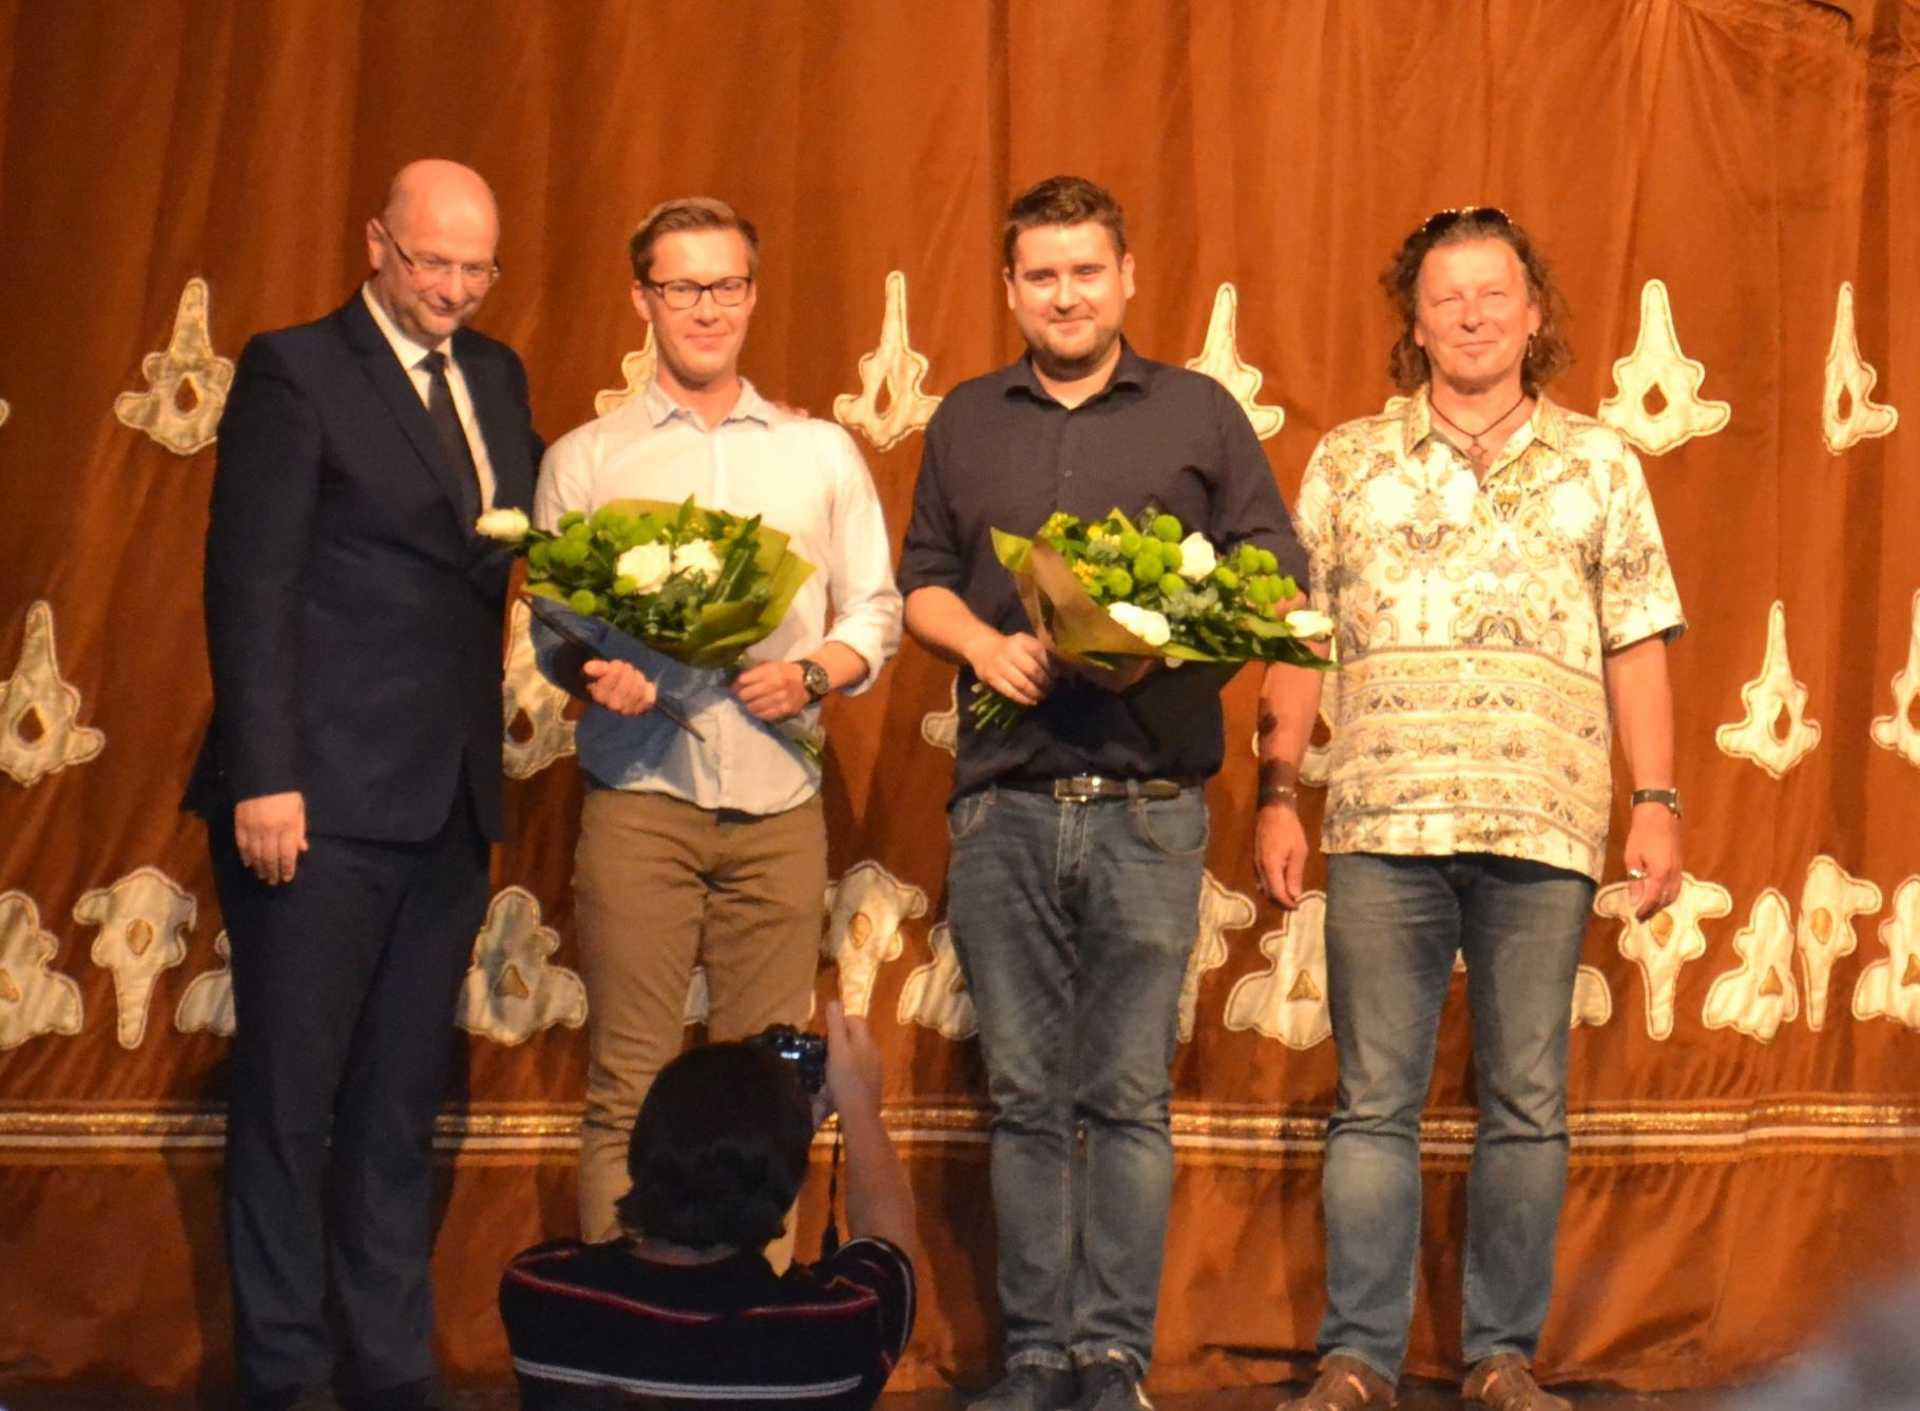 Pataki András, Vaszilij Nyemcsinov, Savanyu Gergely és Demcsák Ottó a díjátatón.